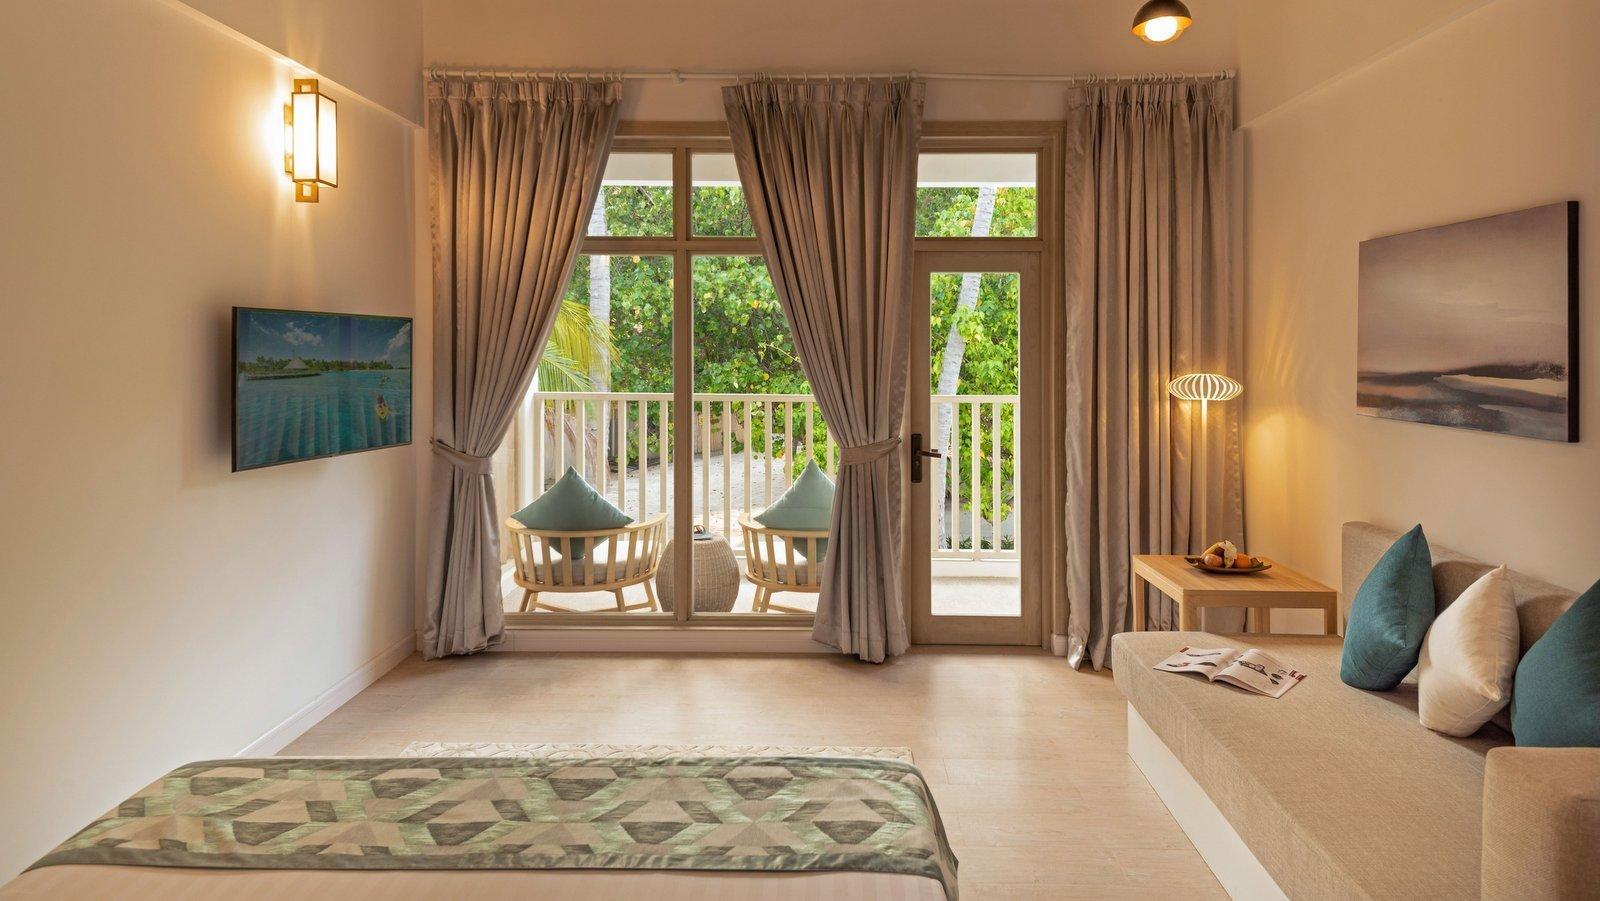 Мальдивы, отель Bandos Maldives, номер Superior Villa